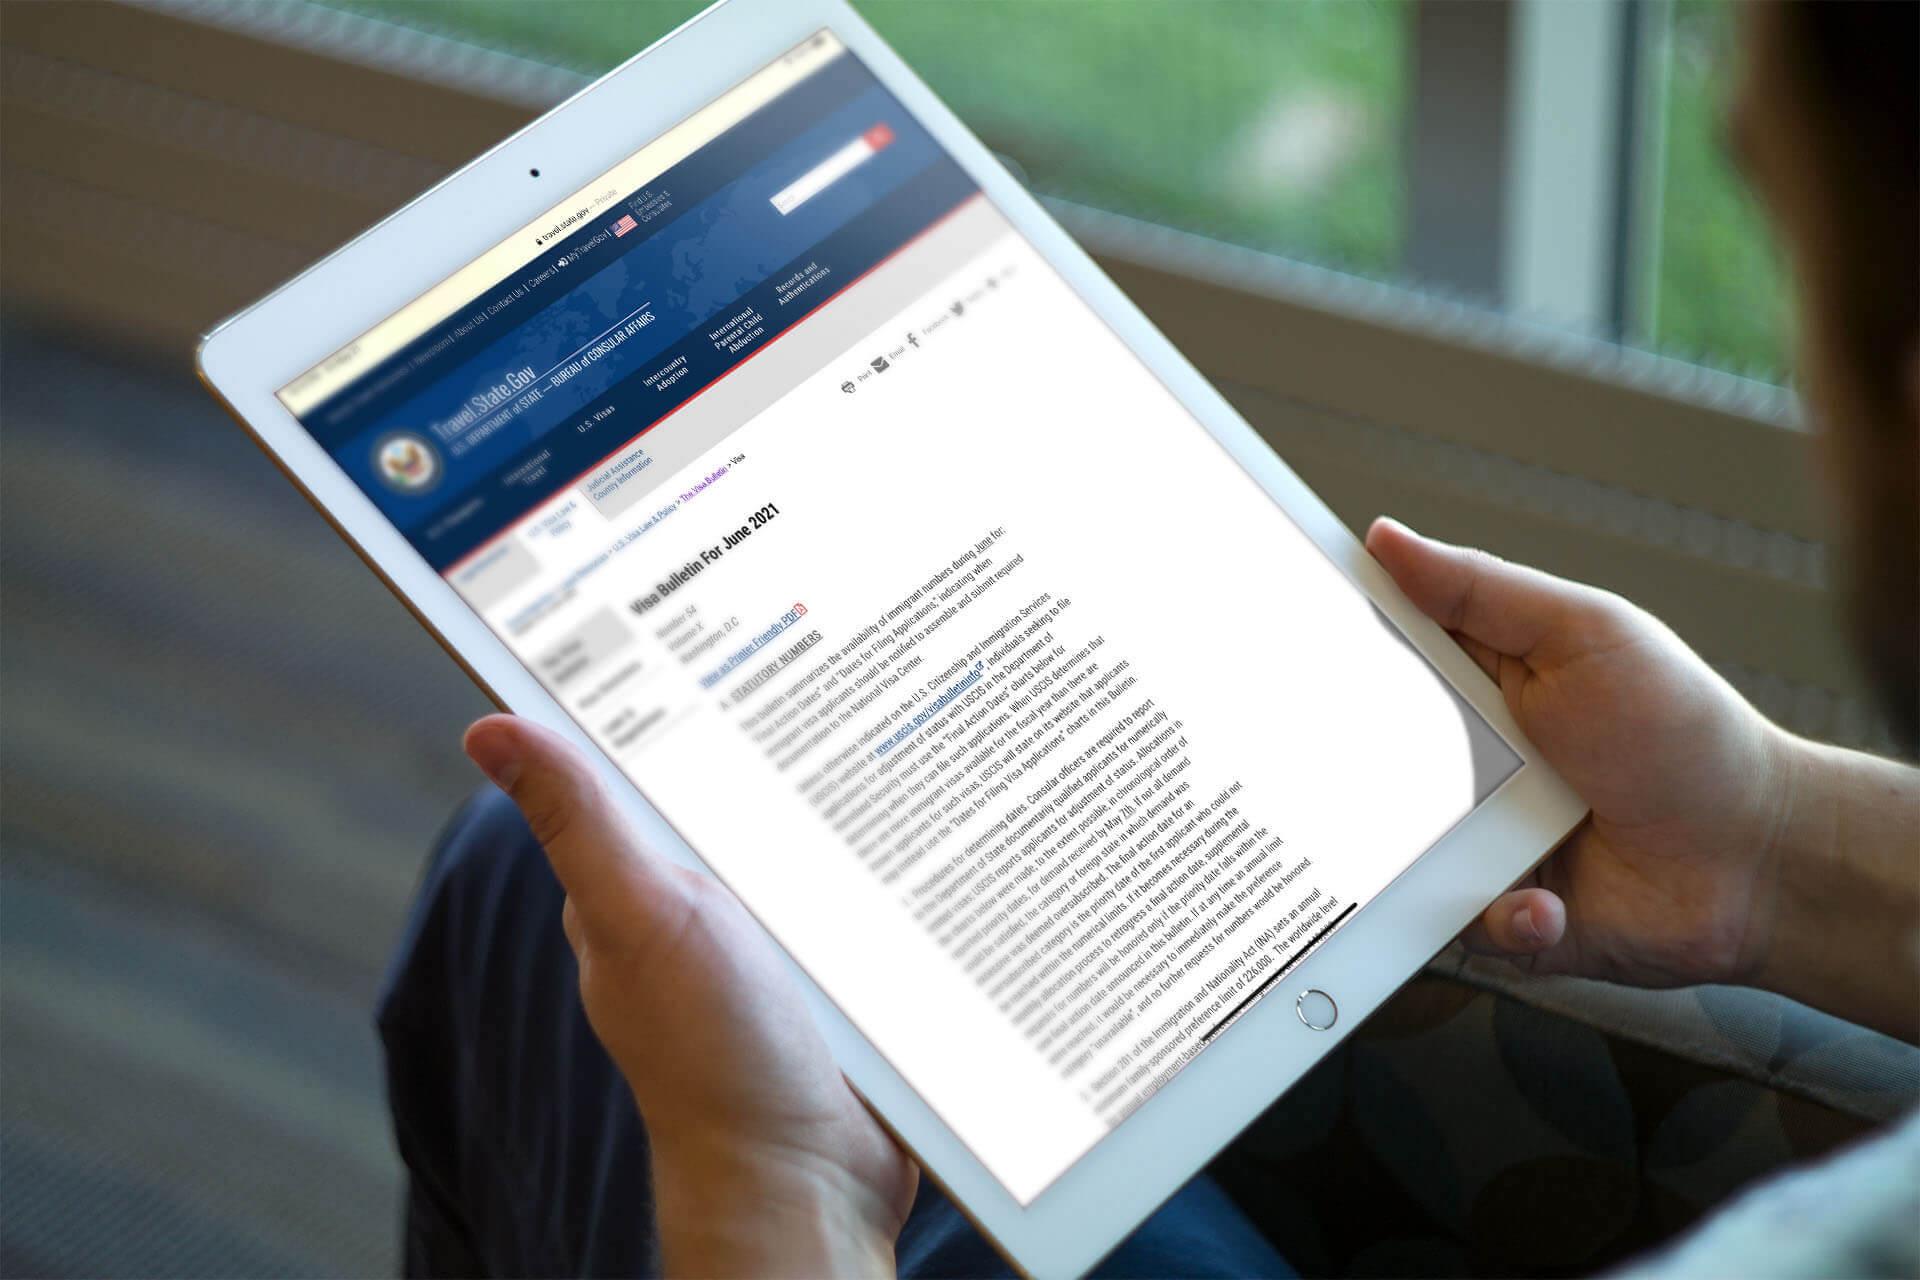 US: Department of State Releases June 2021 Visa Bulletin